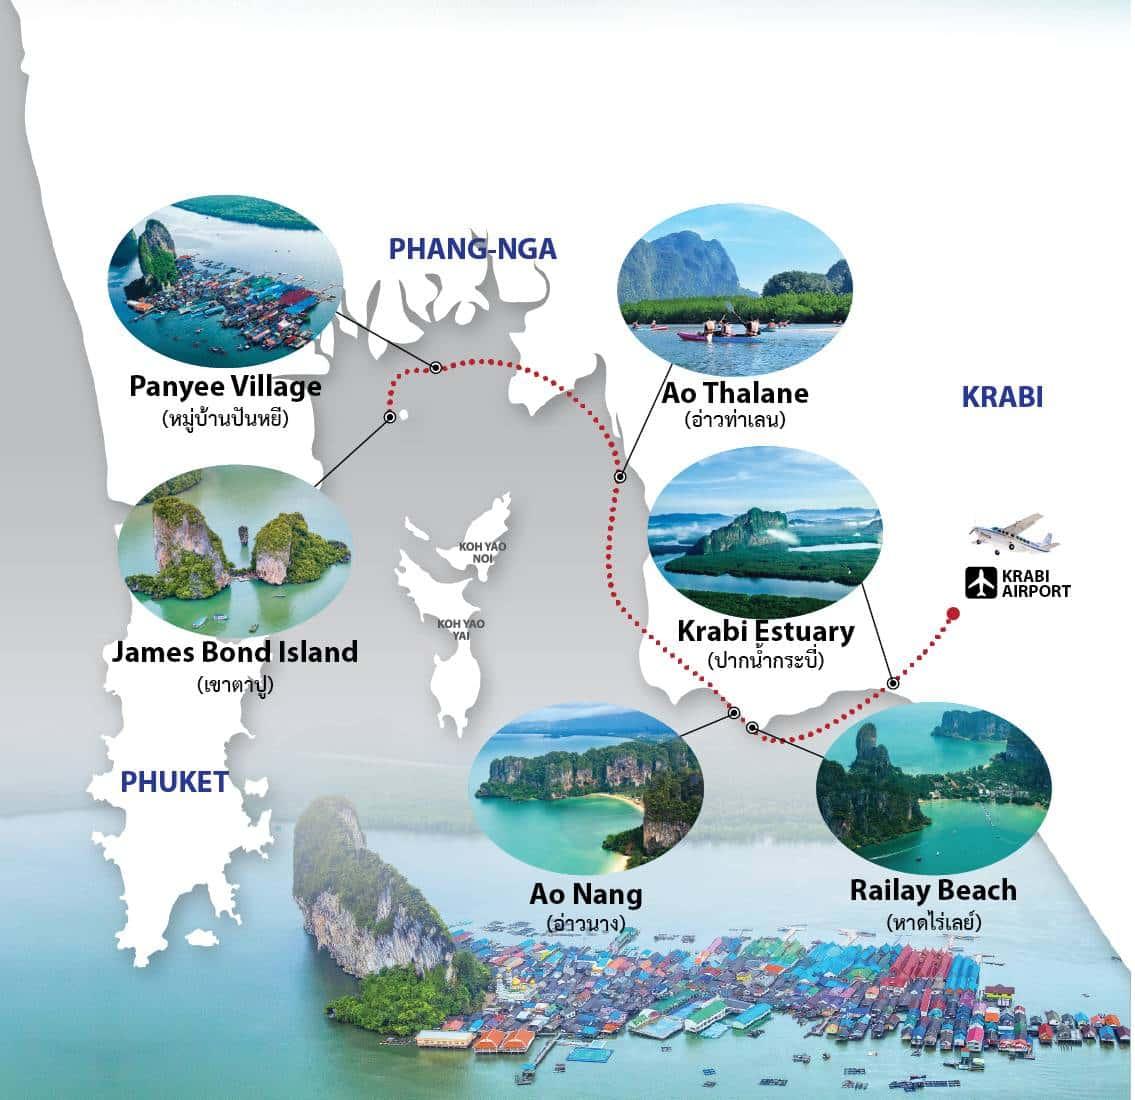 avanti james bond, james bond adventure, air tour avanti james bond Avanti James Bond Adventure Air Tour From Krabi Avanti James Bond Adventure Air Tour From Krabi Map